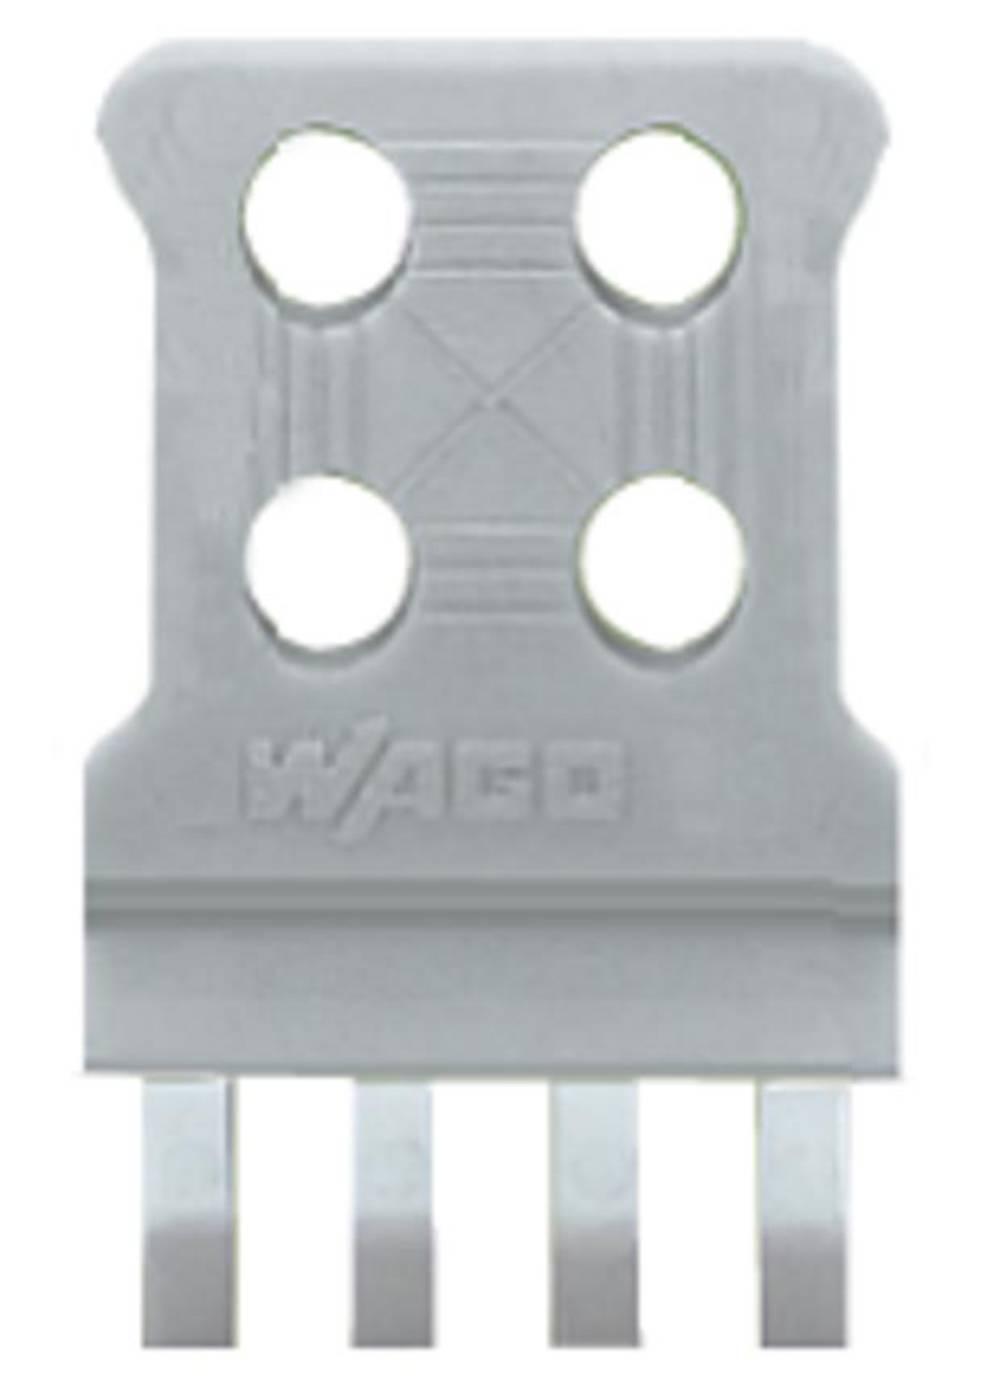 trækaflastning plade WAGO 100 stk